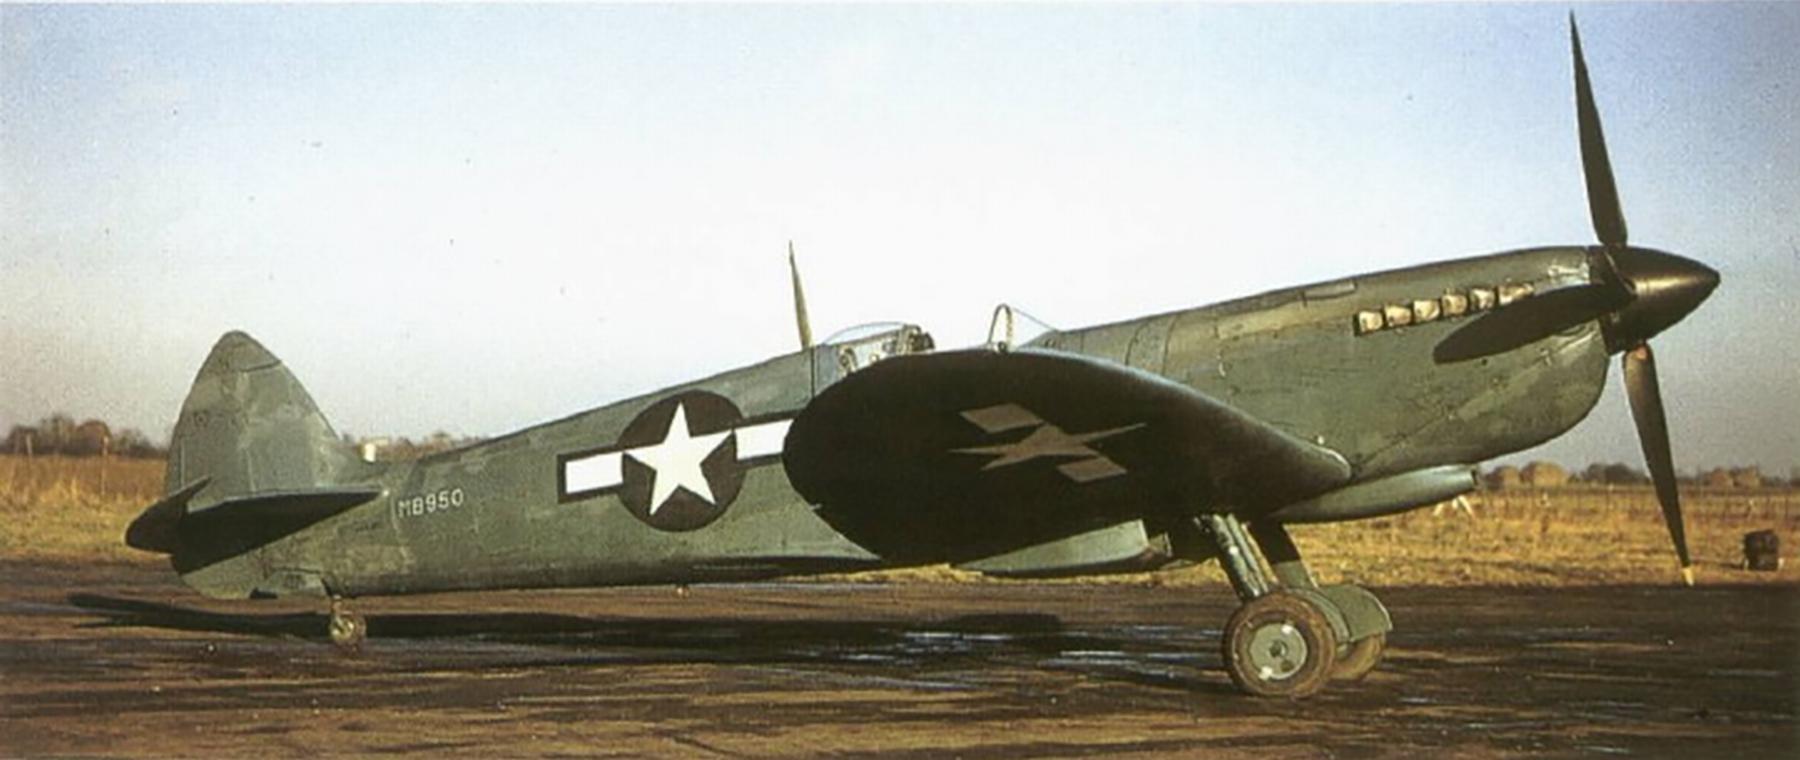 Spitfire PRXIT USAAF 7PRG14PS MB950 Oxfordshire 1944 02